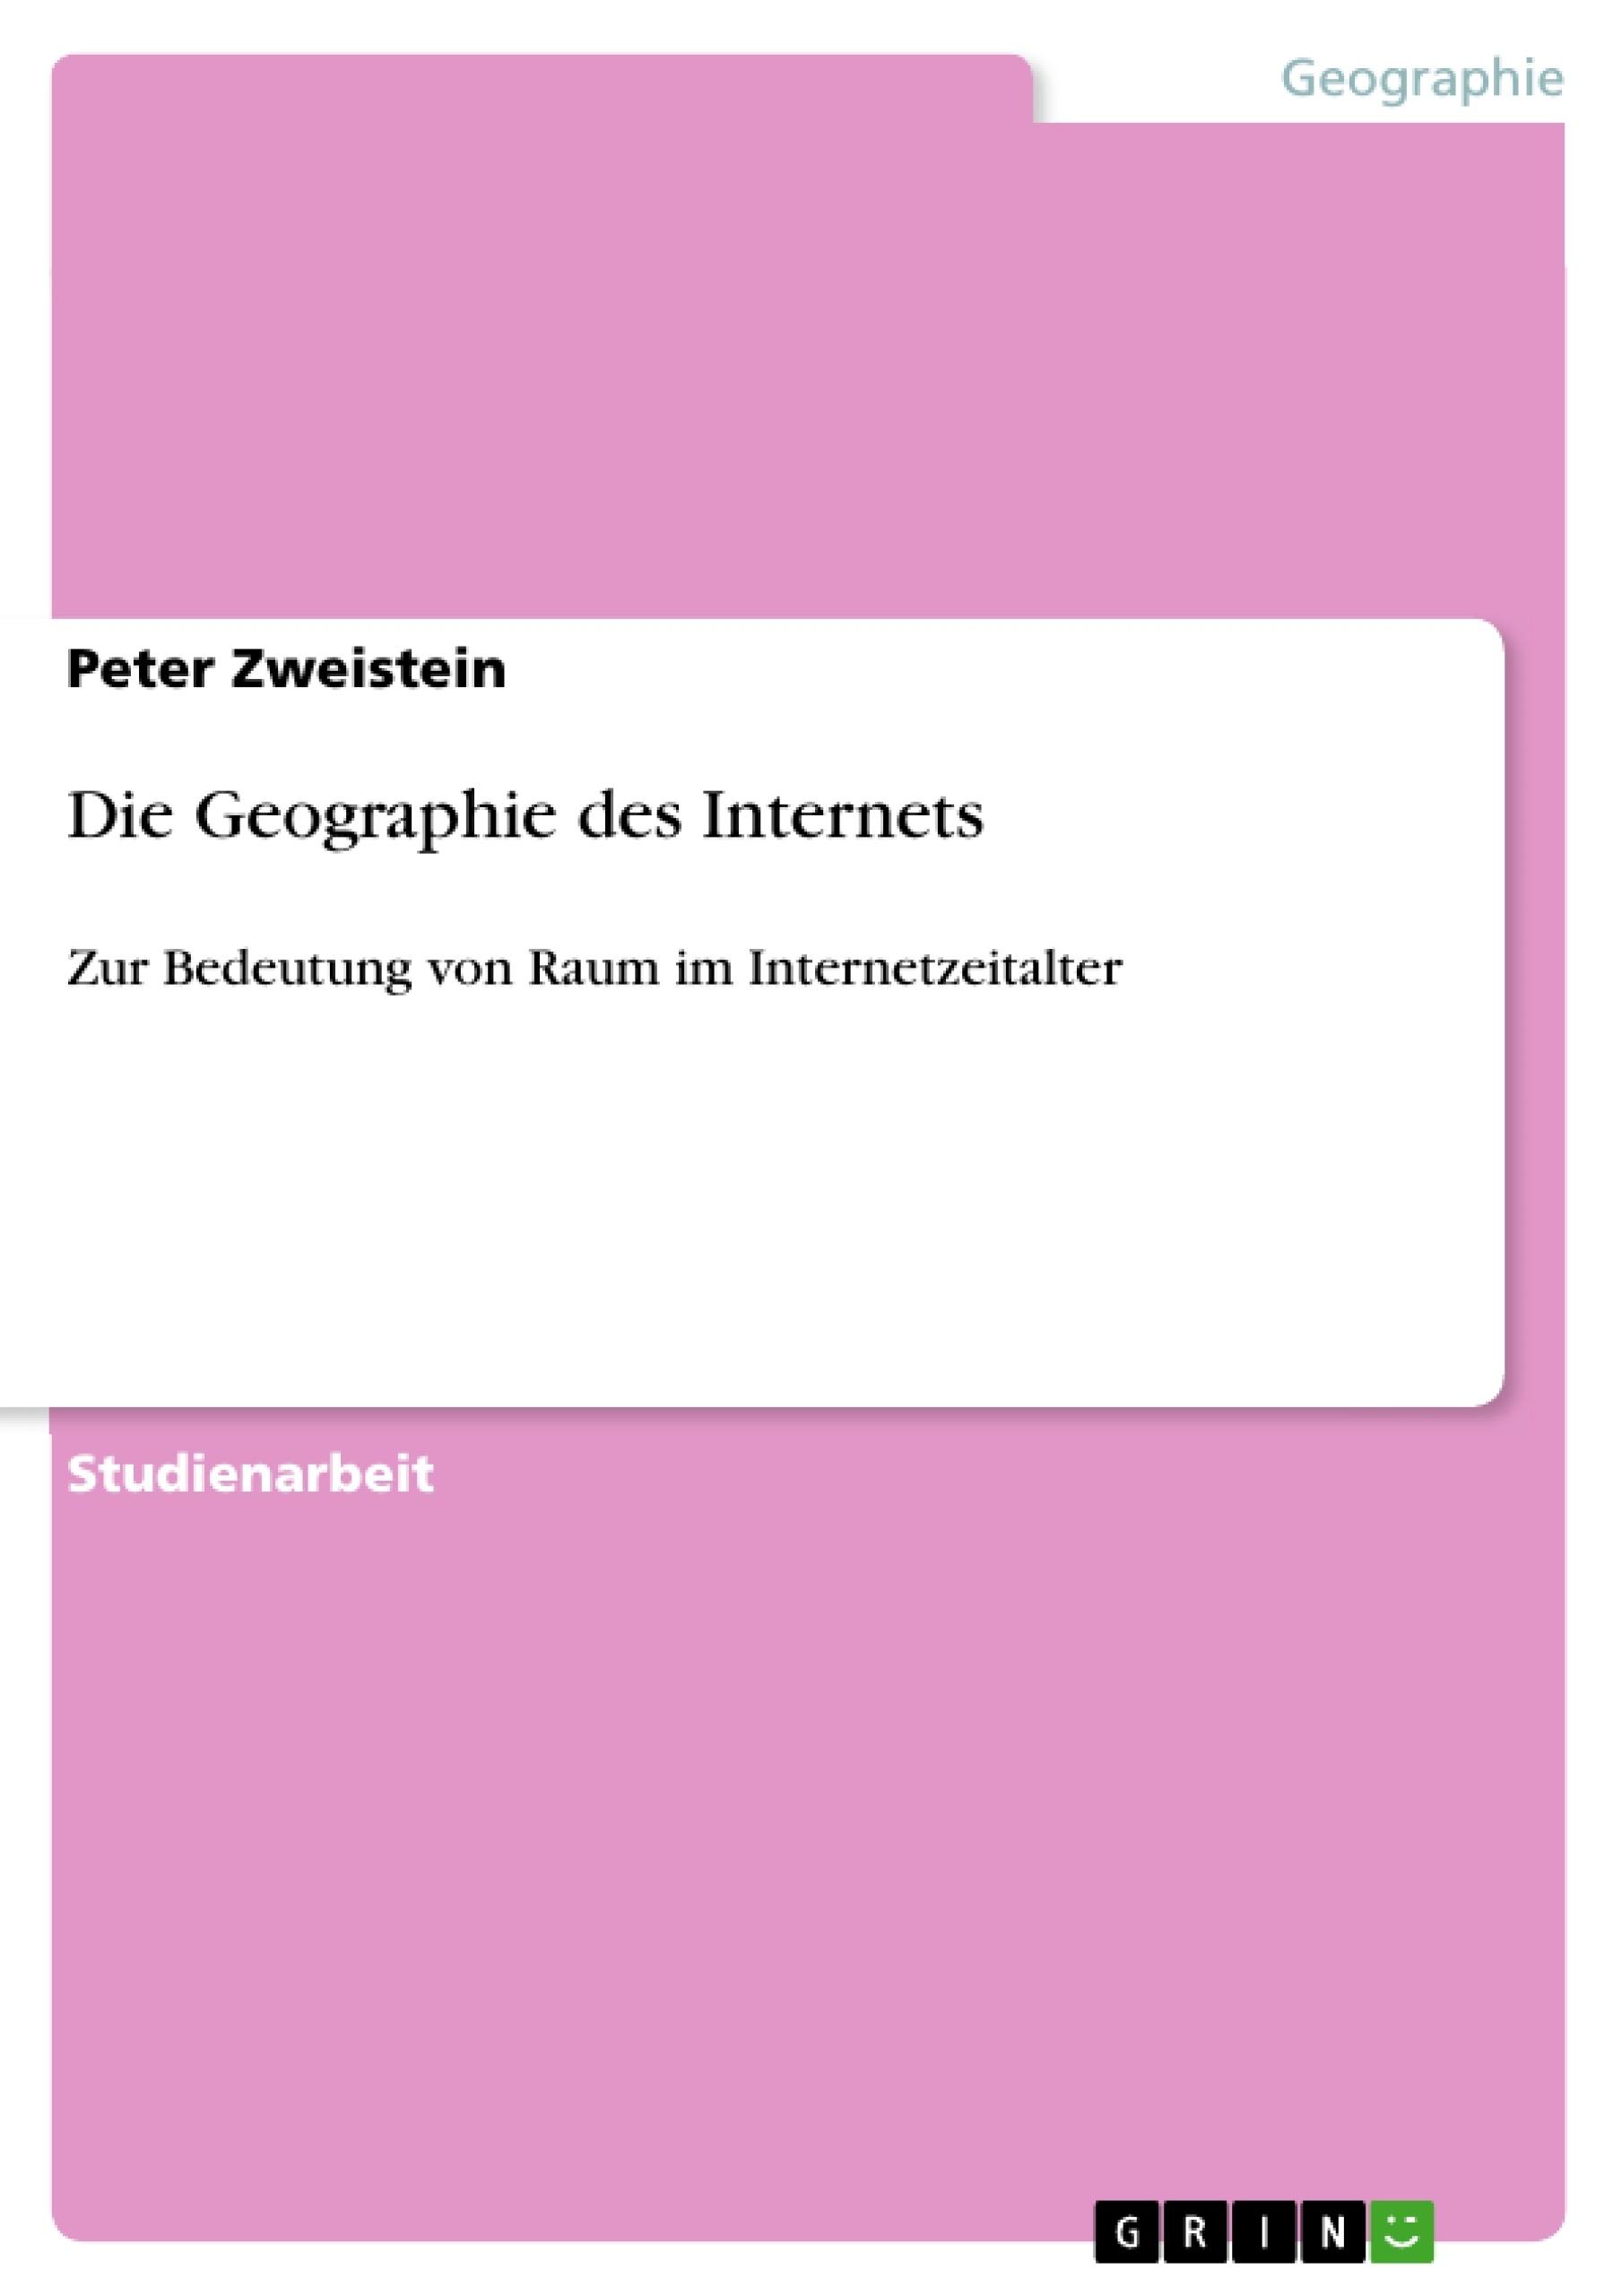 Titel: Die Geographie des Internets